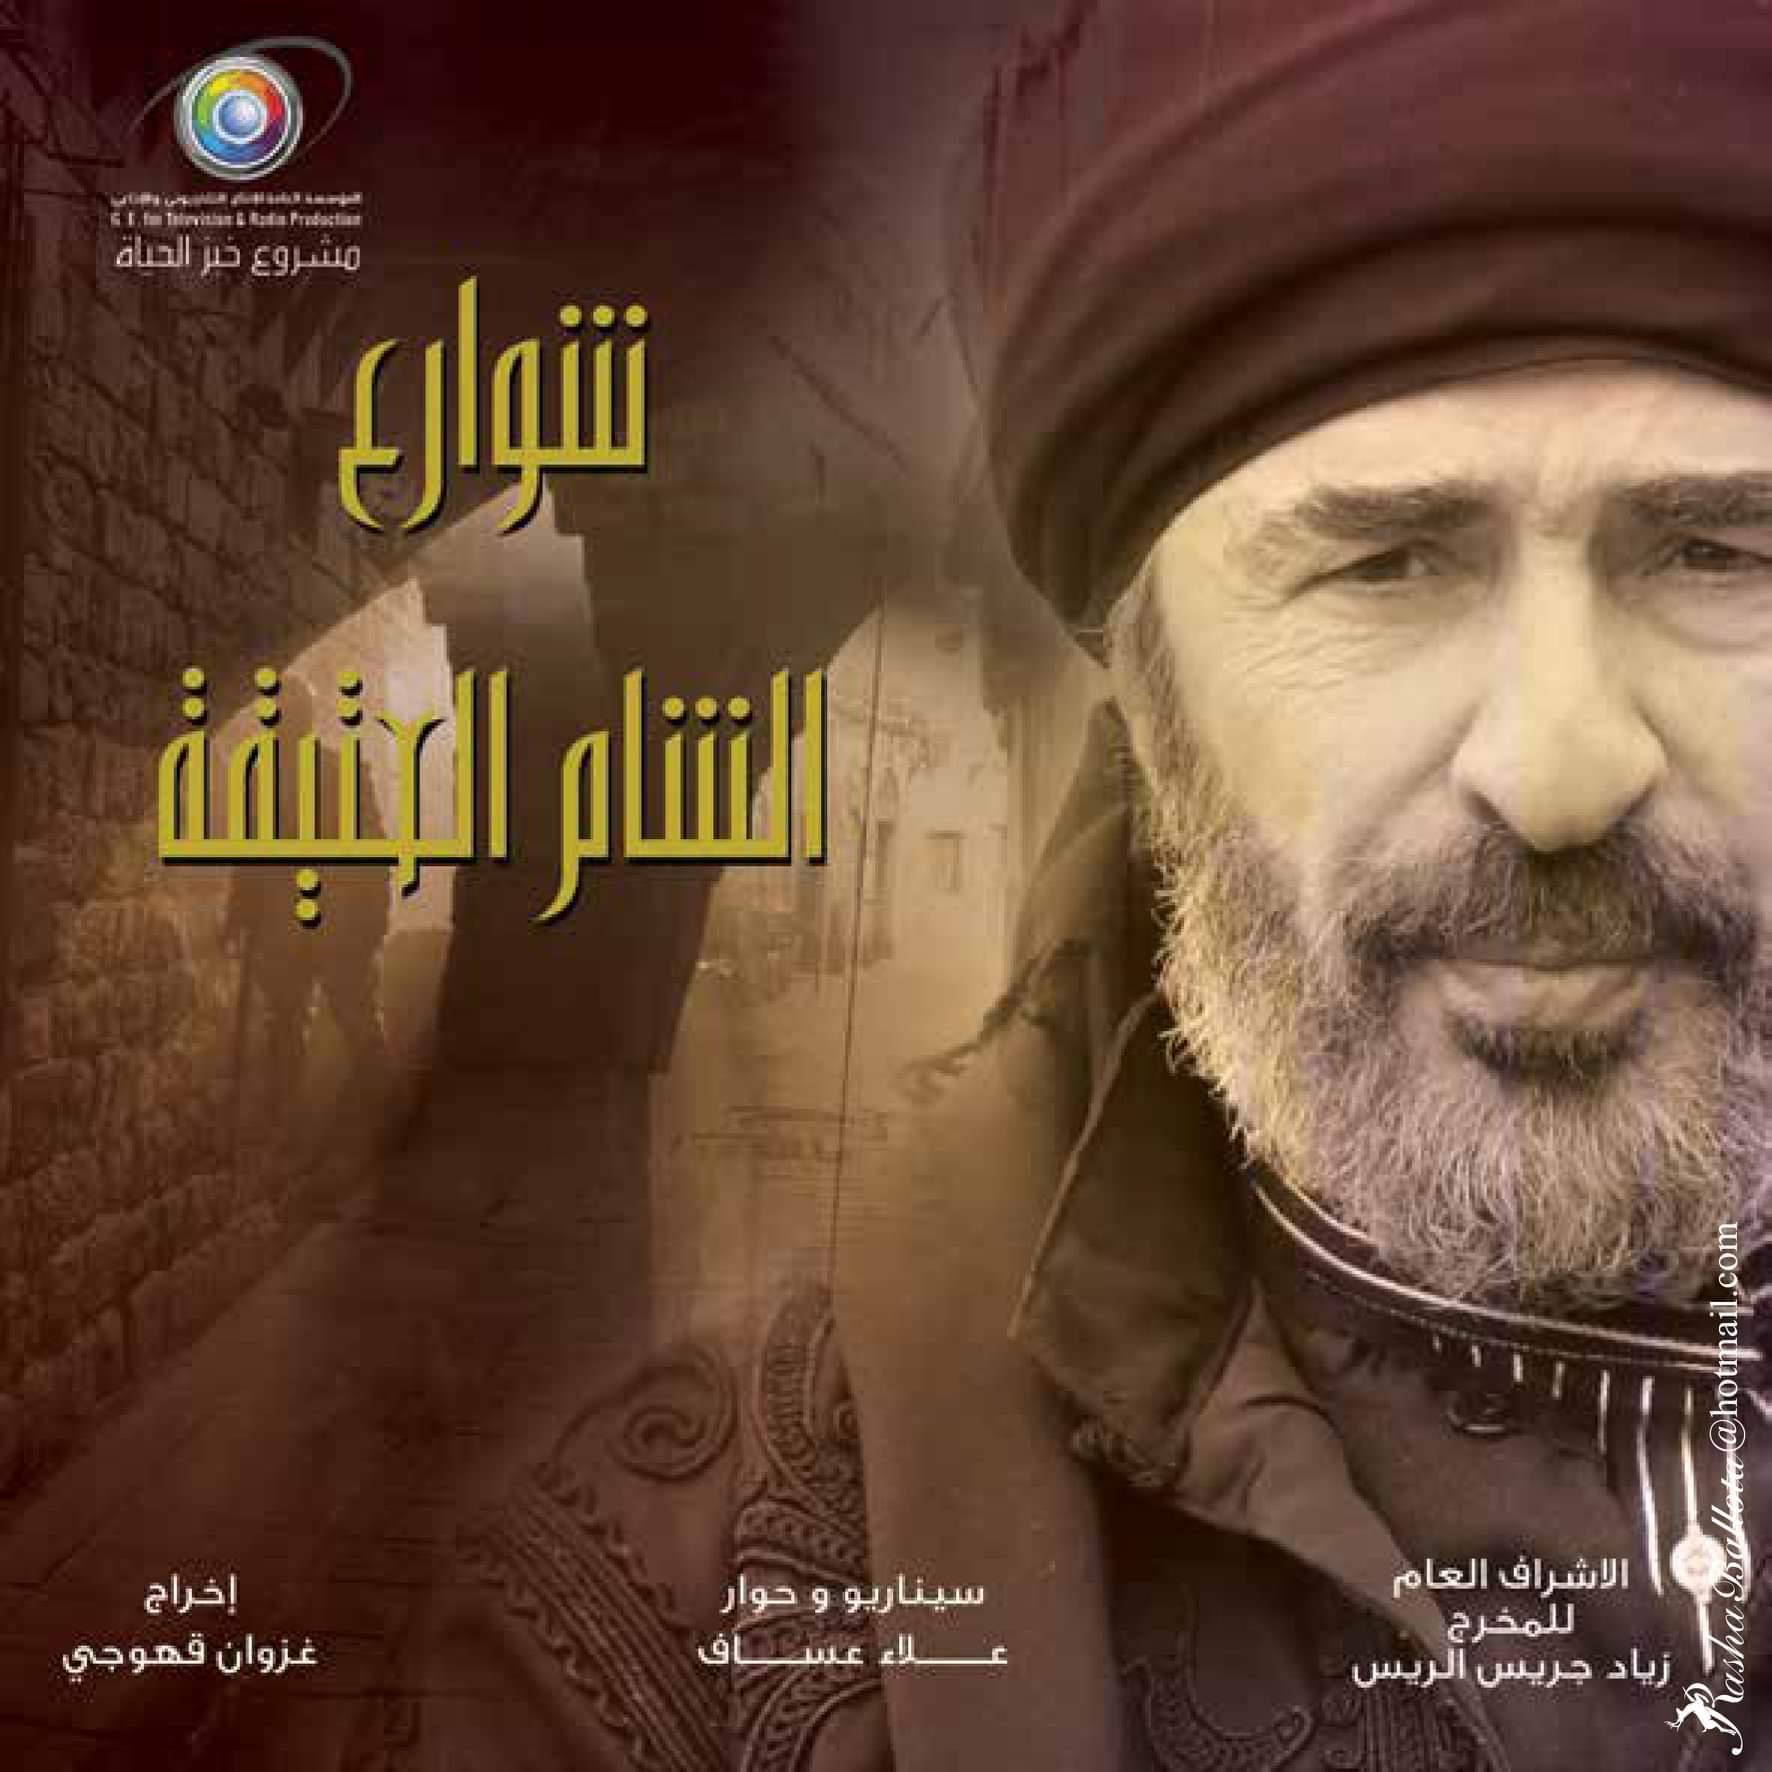 احداث وتفاصيل الحلقة 16 من مسلسل شوارع الشام العتيقة رمضان 2019